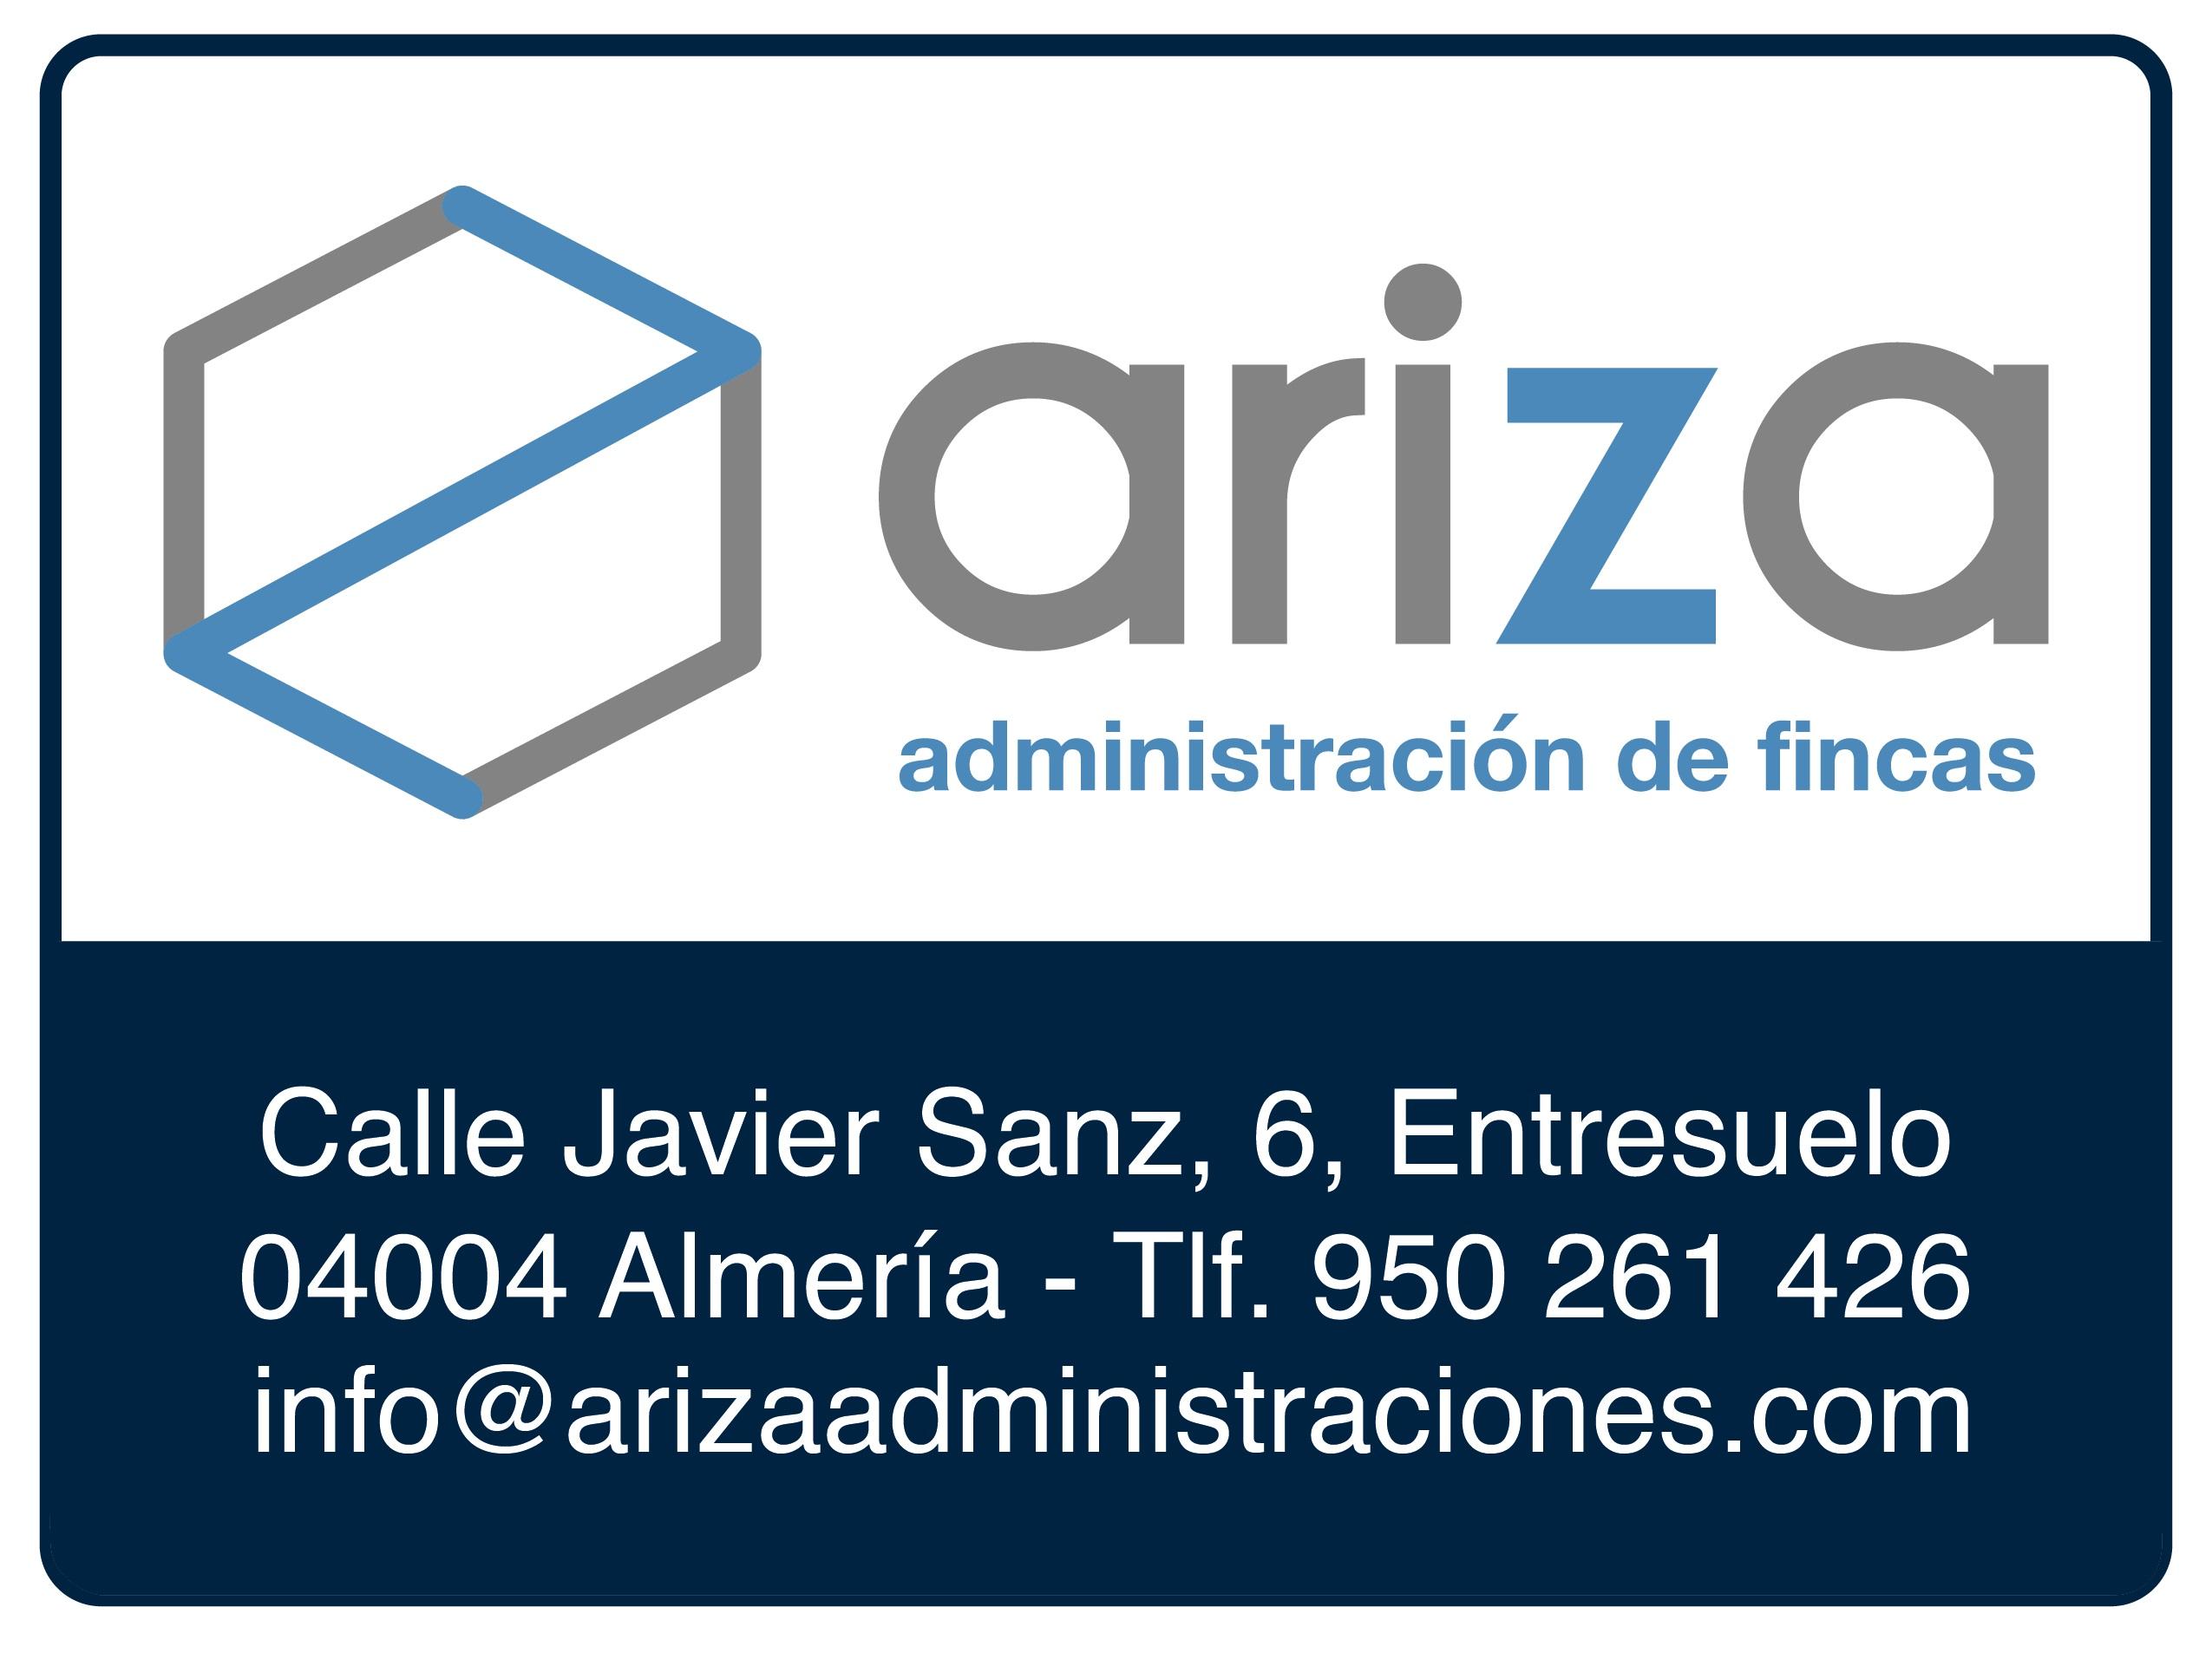 Ariza Administraciones